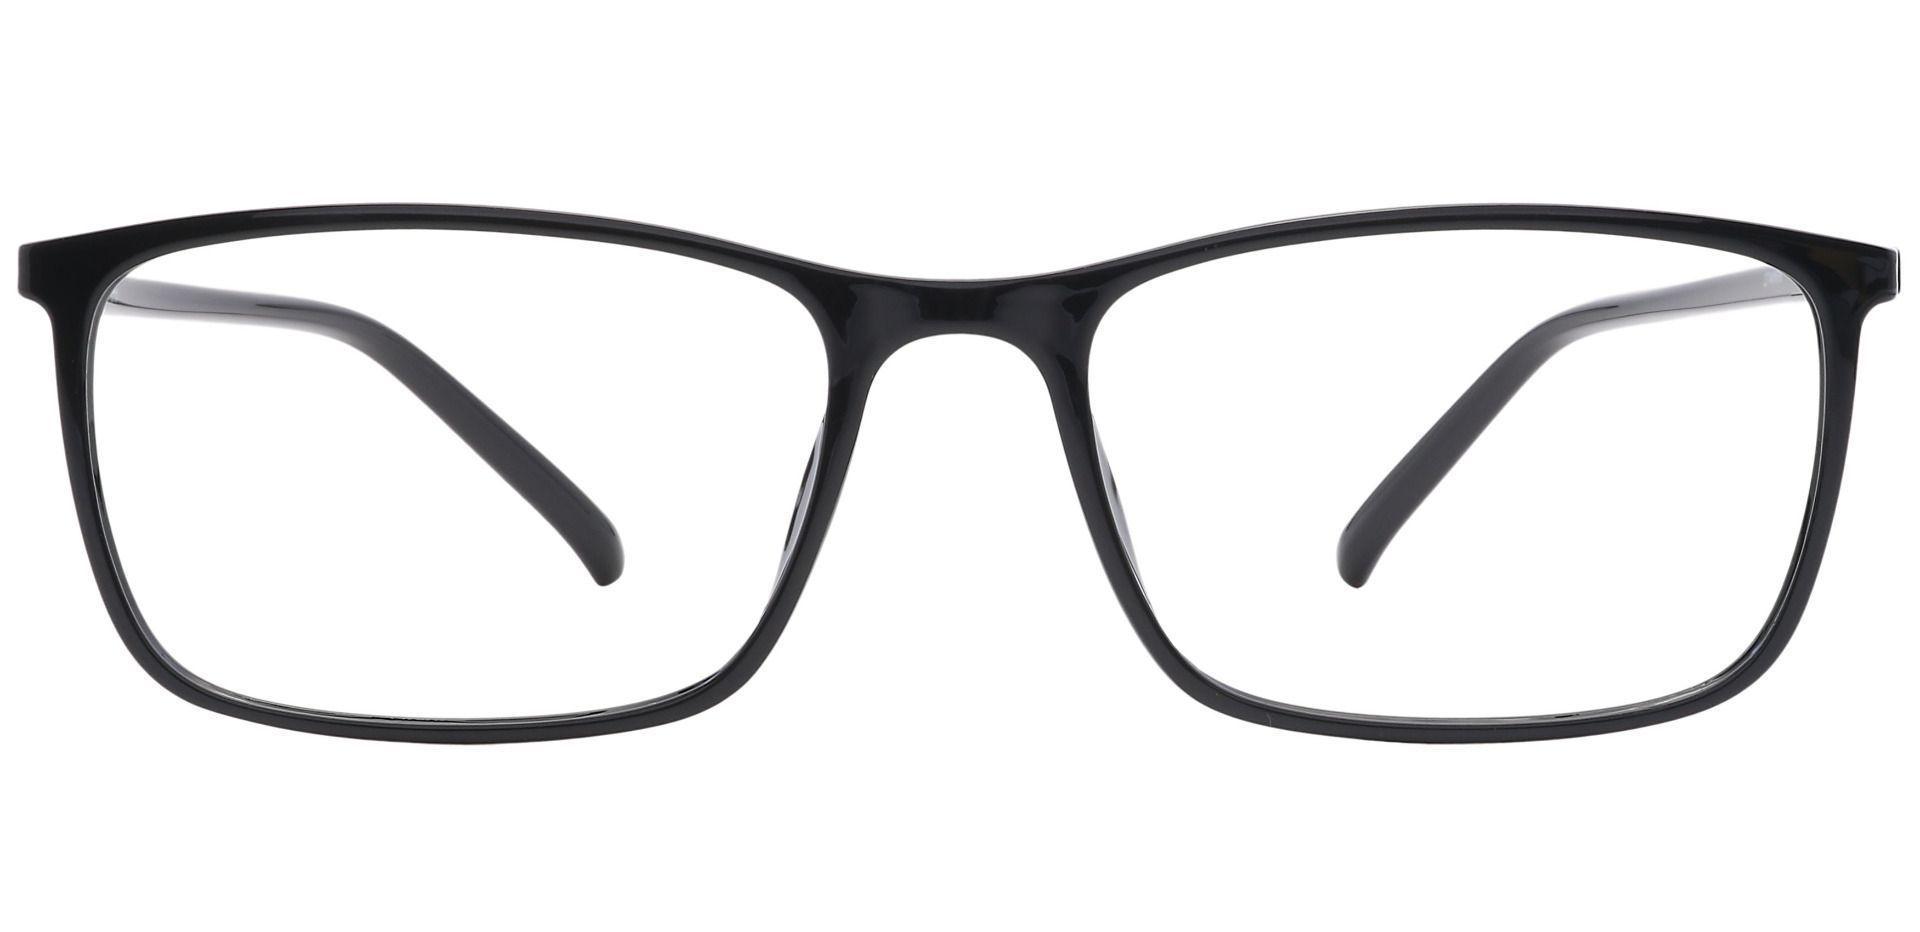 Fuji Rectangle Non-Rx Glasses - Black